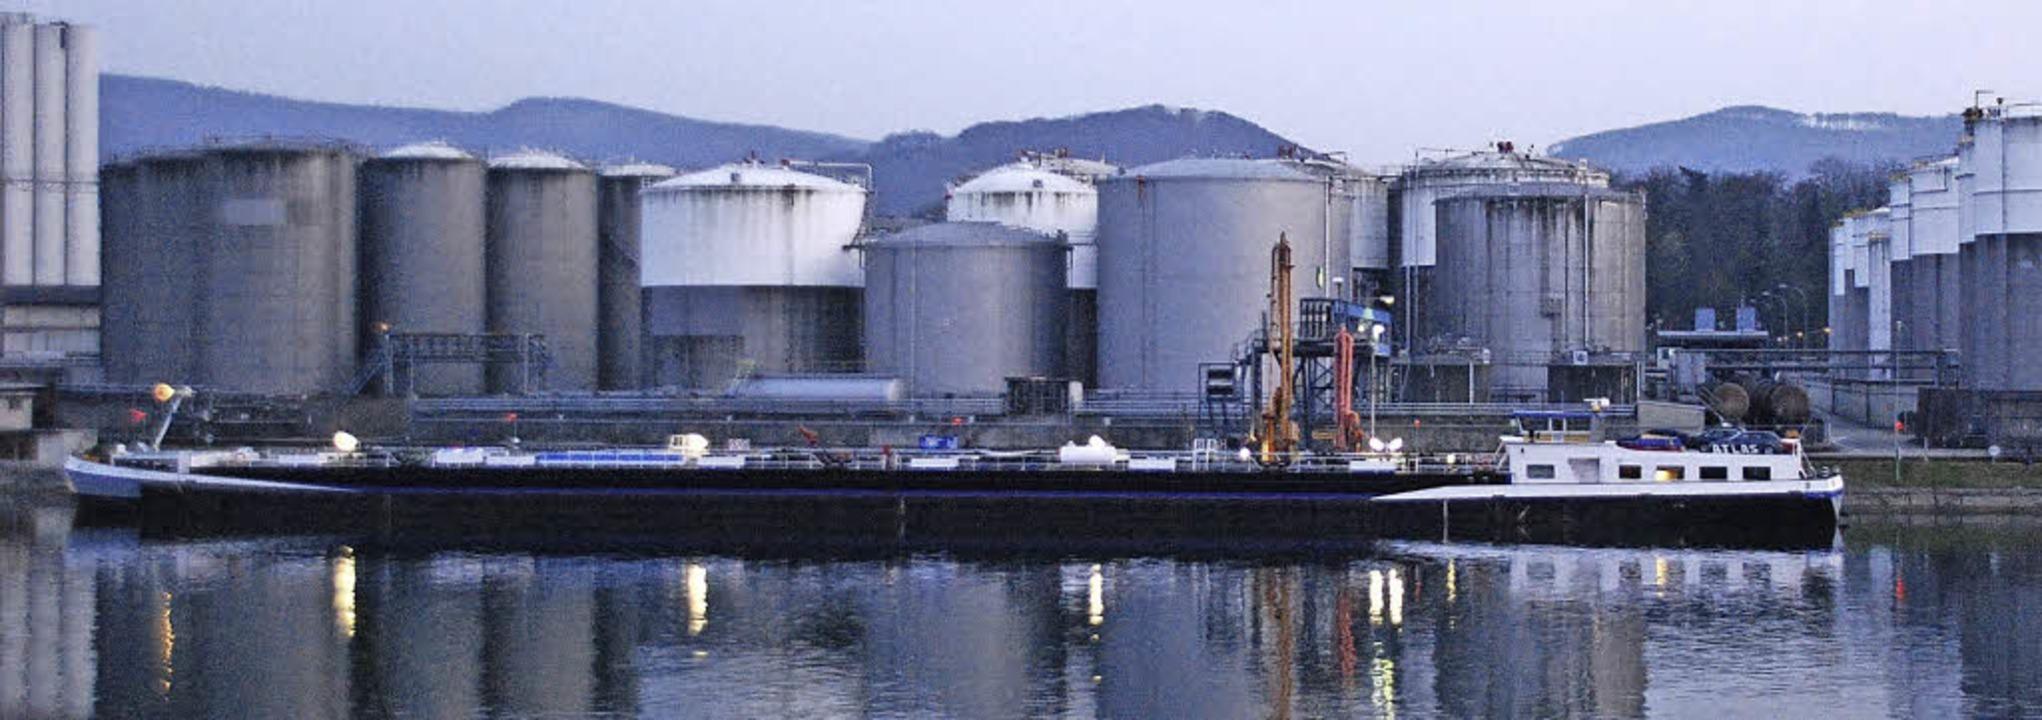 Ein gewaltiges Tanklager: der Auhafen   | Foto: Ralf Staub